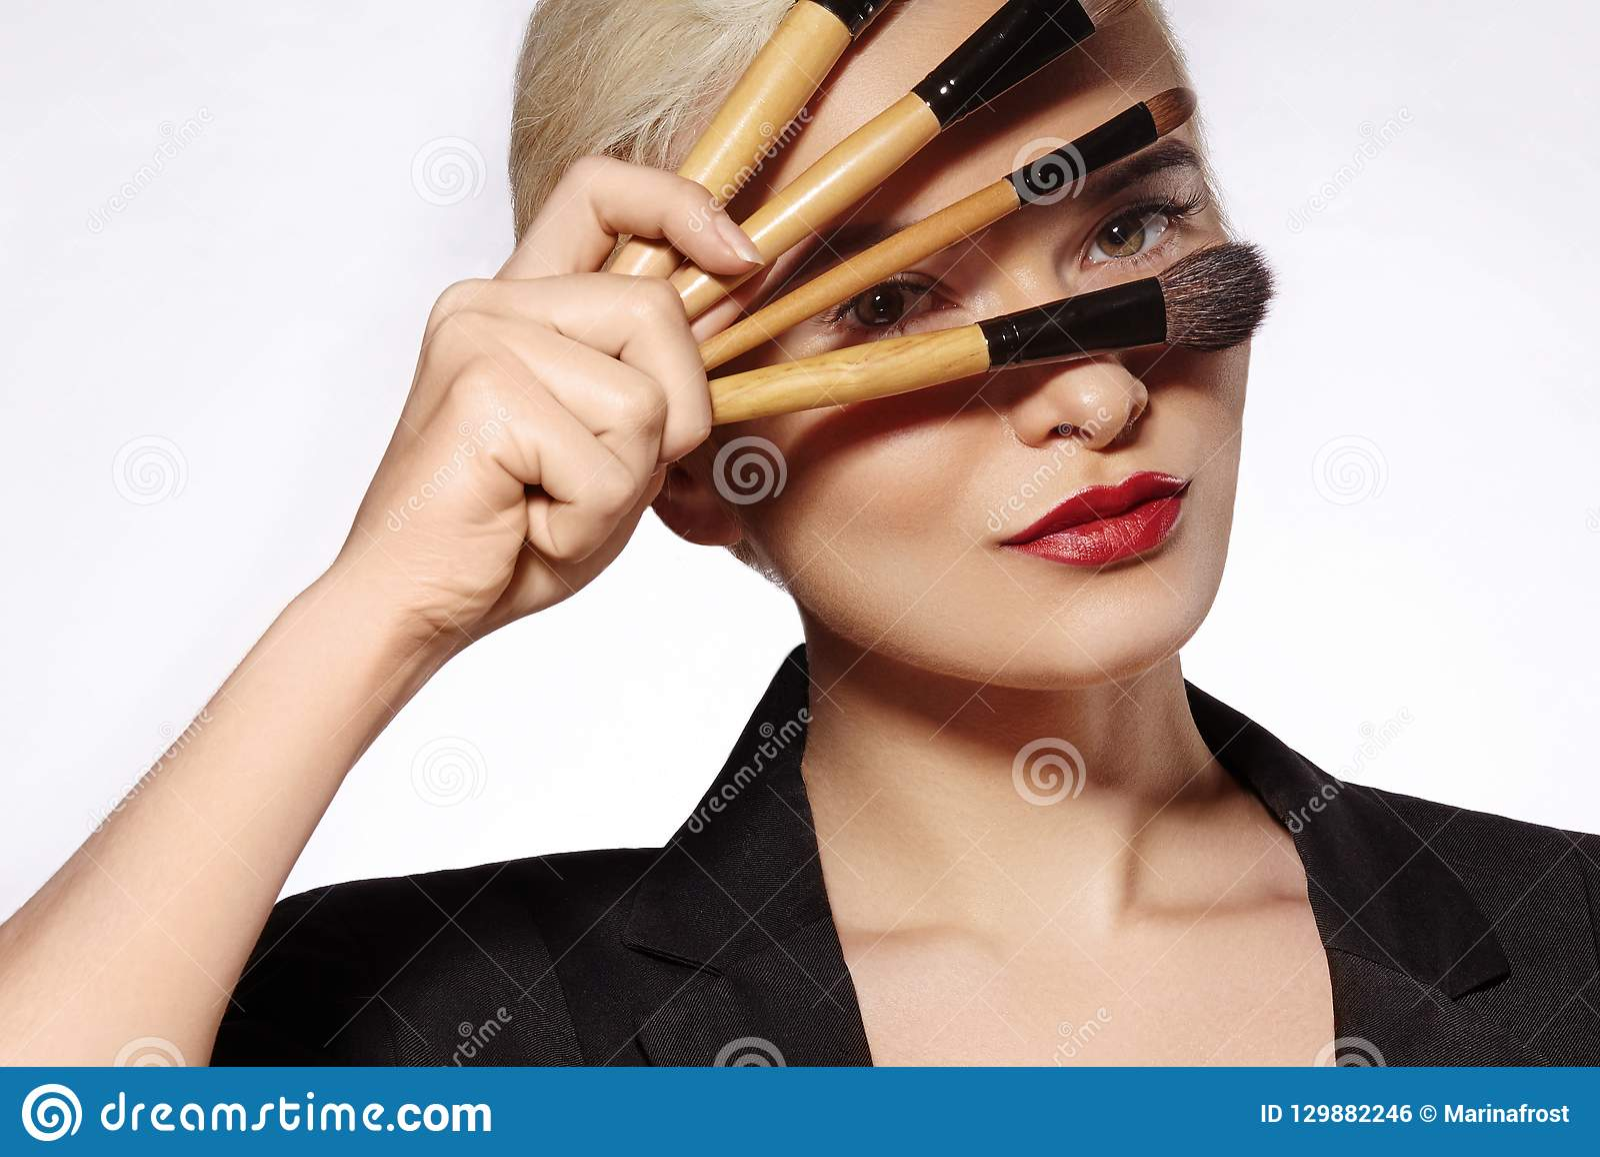 Tratamiento de la belleza Muchacha con los cepillos del maquillaje La moda compensa a la mujer makeover Artista de maquillaje App